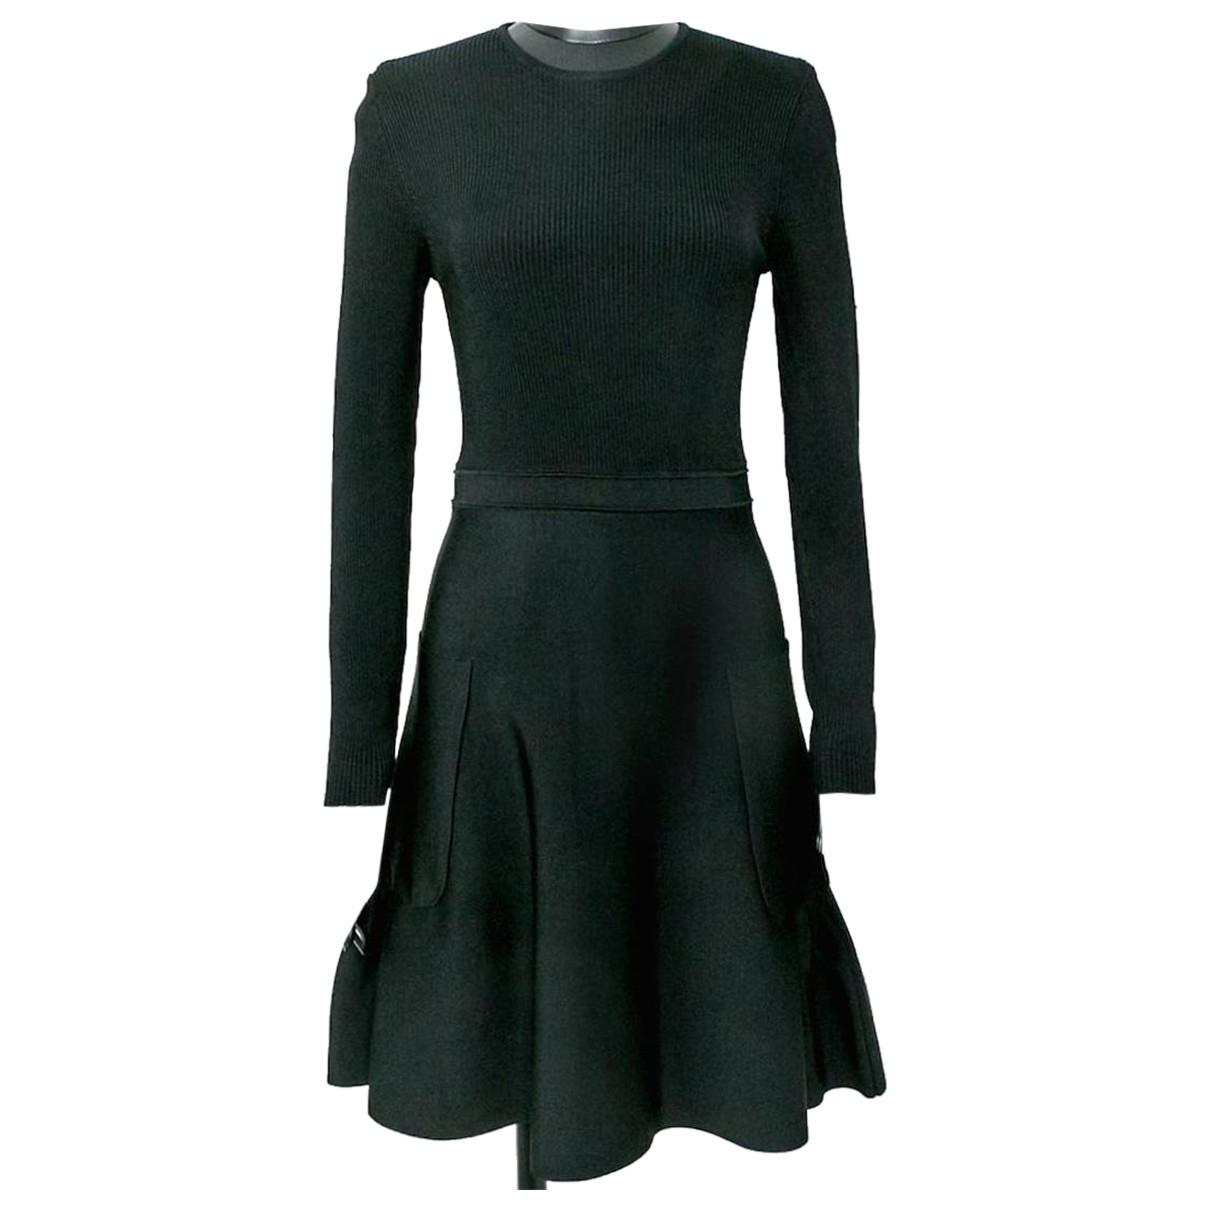 Victoria Beckham \N Kleid in  Schwarz Viskose